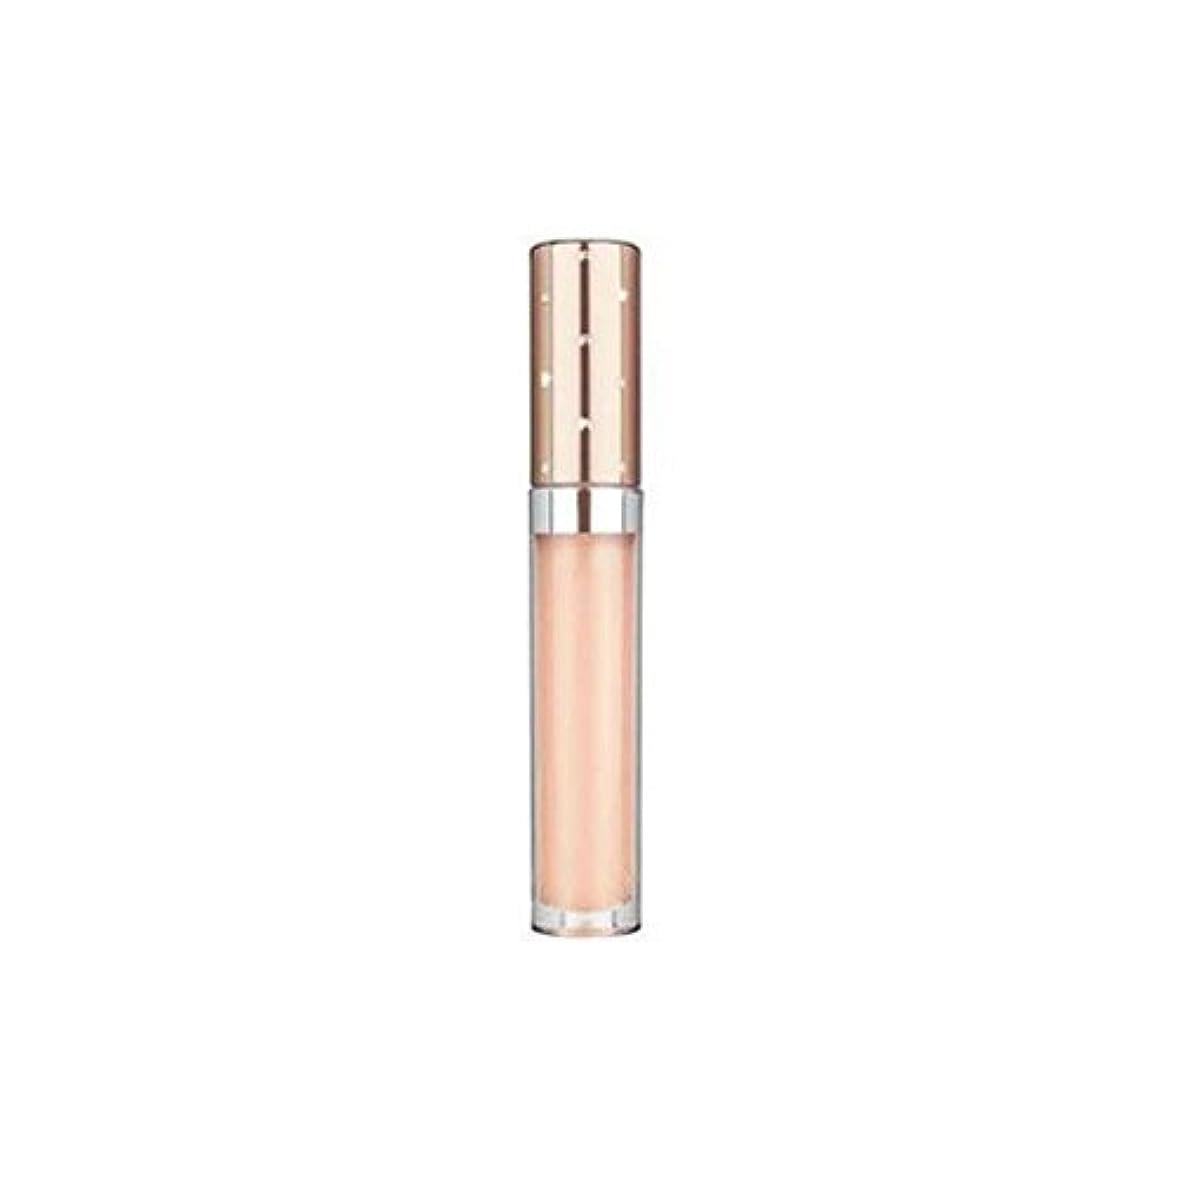 補体コックドルNubo Instant Lip Perfection Spf15 (5ml) (Pack of 6) - インスタントリップパーフェクション15(5ミリリットル) x6 [並行輸入品]